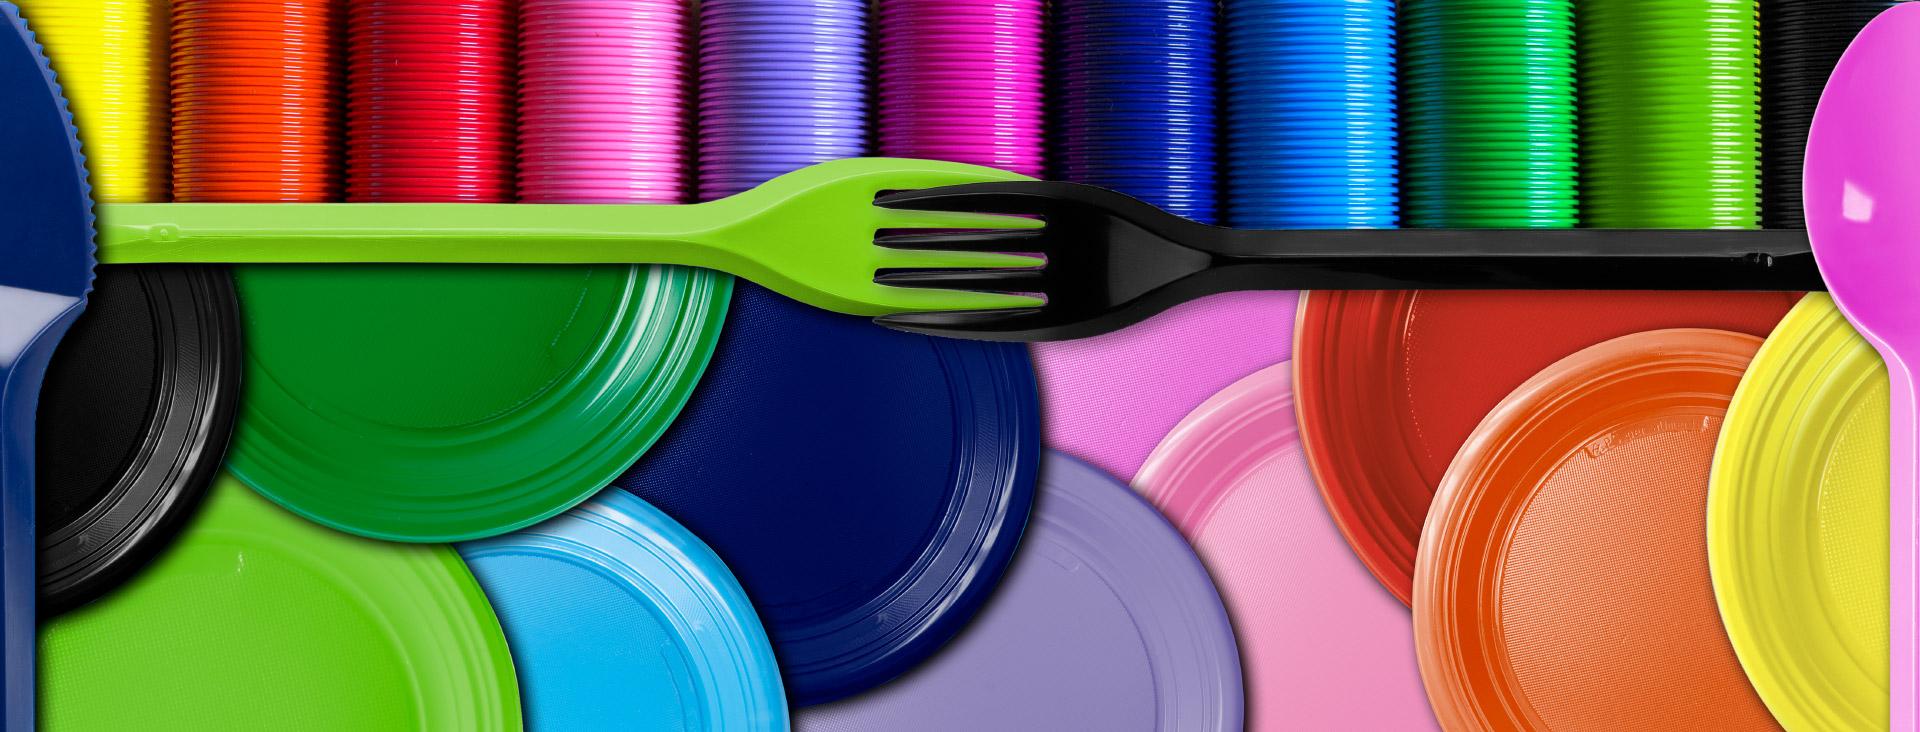 Forchette blu fiesta plastica aristea spa for Piatti e bicchieri colorati